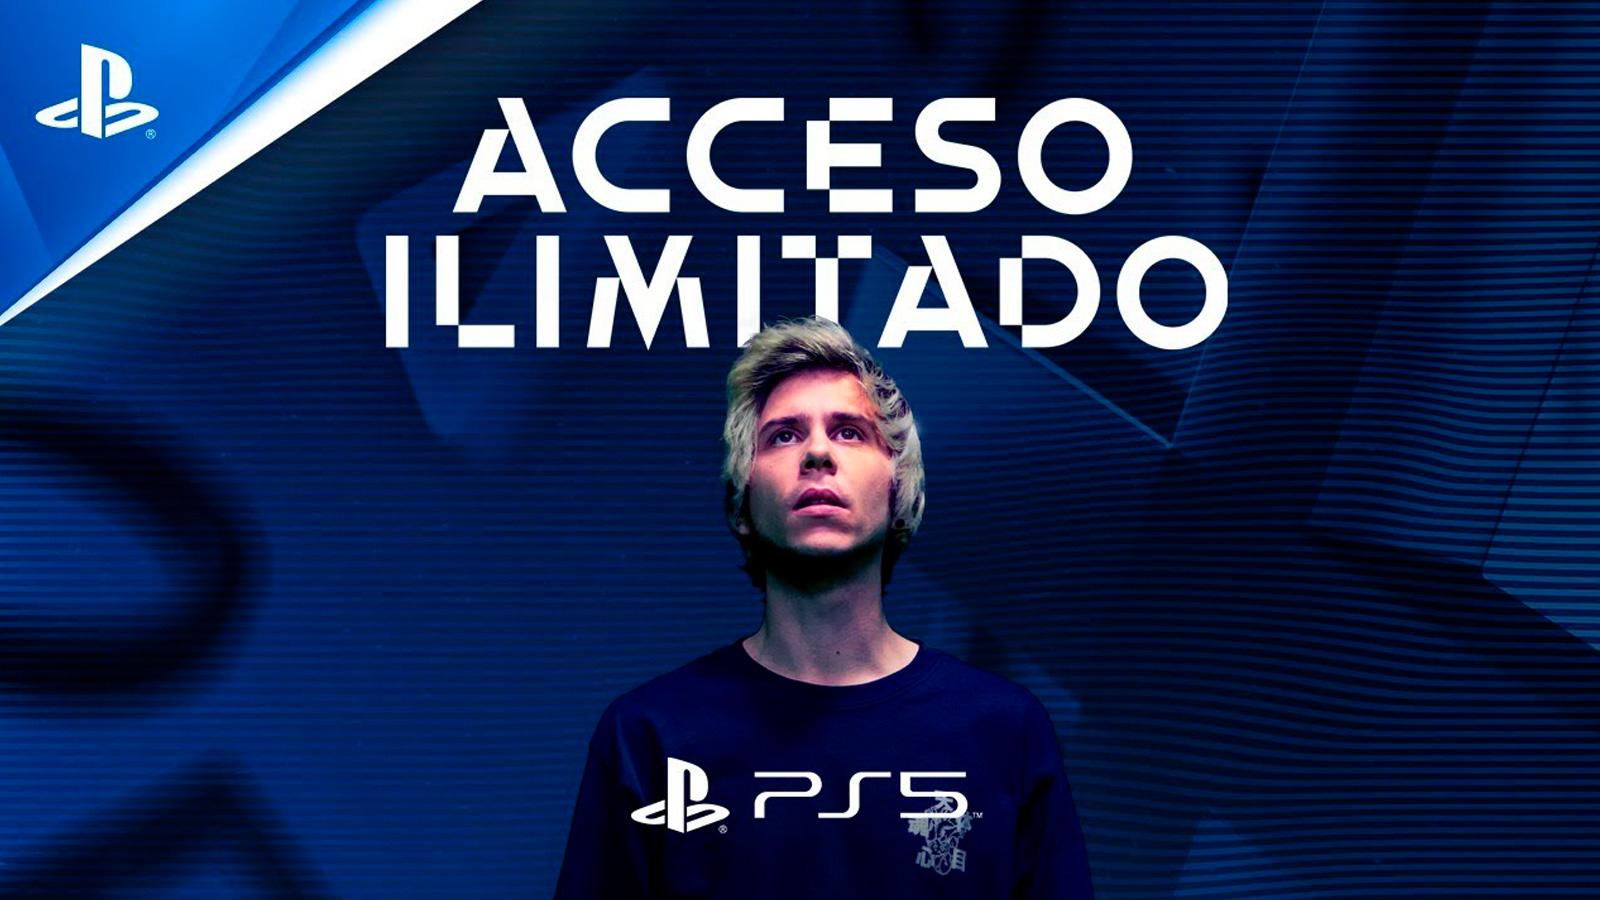 Rubius como imagen de Acceso Ilimitado de PlayStation 5